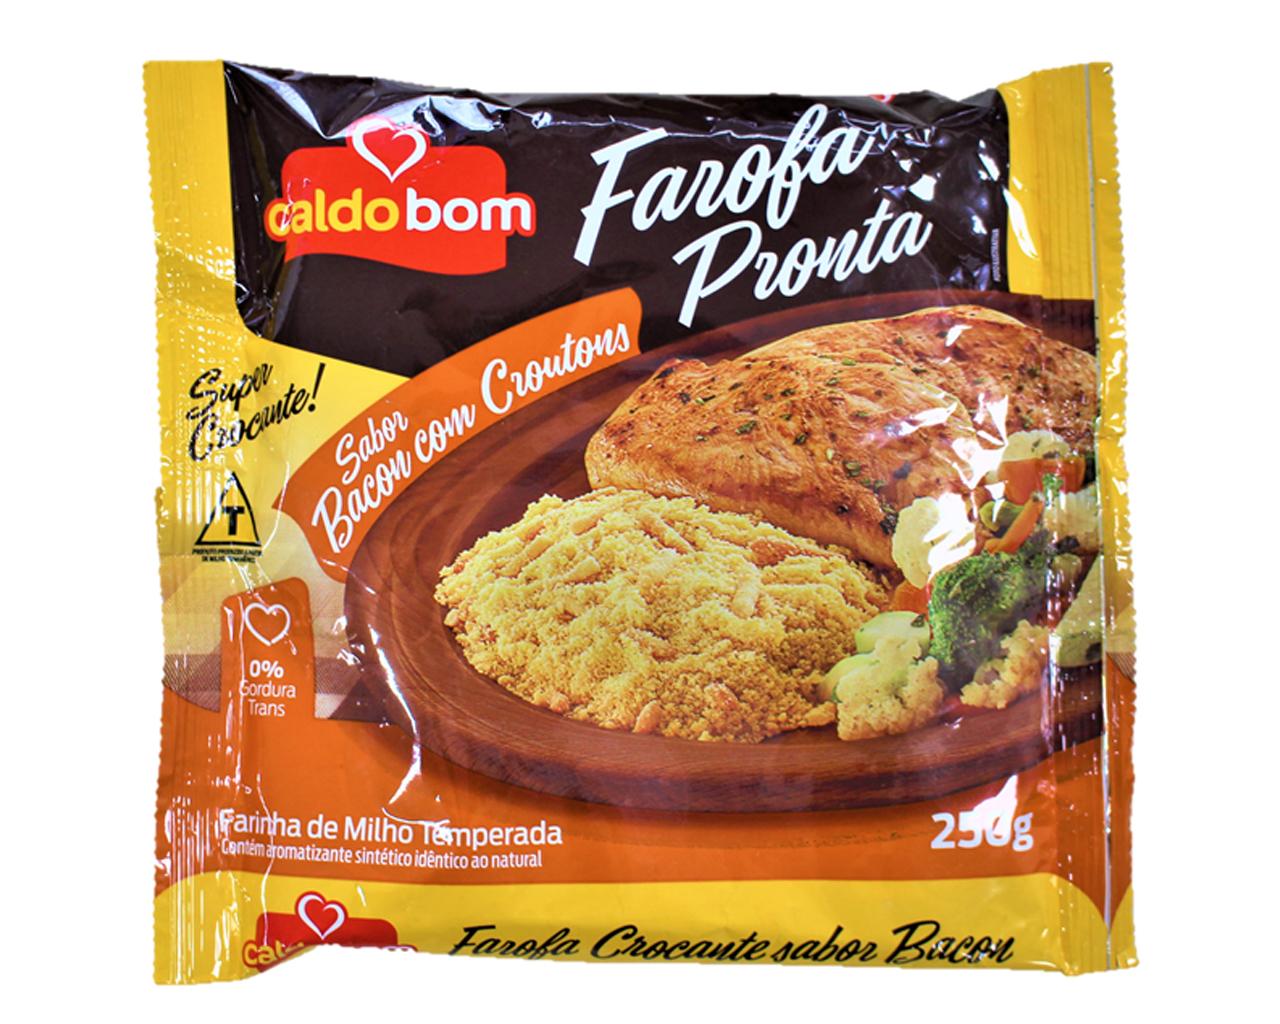 ブラジル料理や煮込み料理に欠かせない Farofa Pronta sabor Bacon Croutons トウモロコシ加工食品 caldo ランキングTOP5 bomファロッファ メーカー公式 ベーコン味 250gブラジル調味料